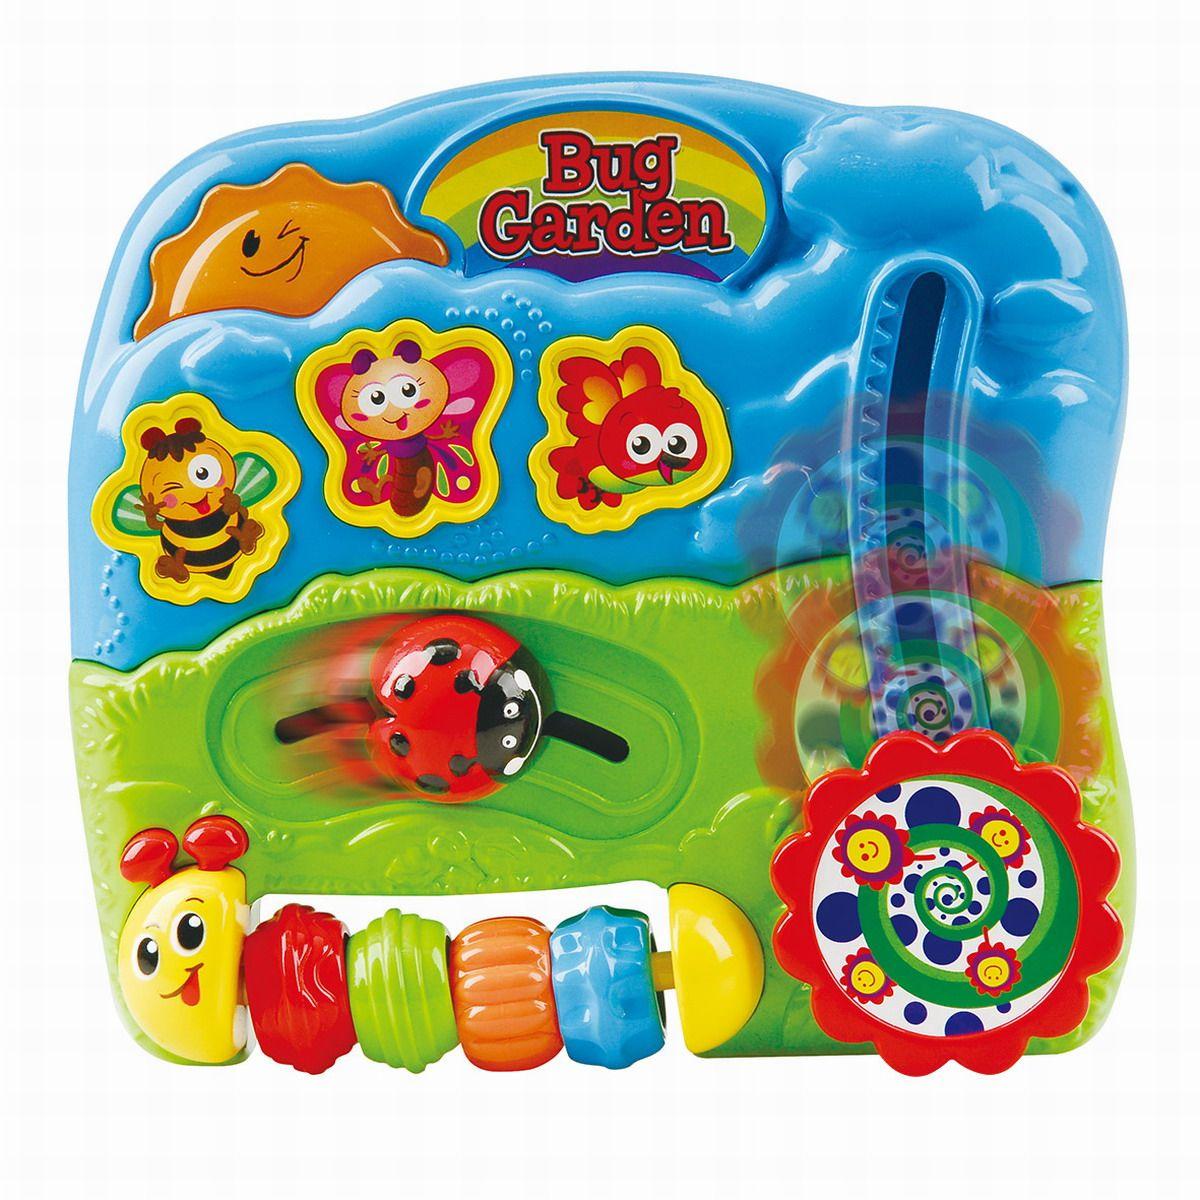 Playgo Развивающая игрушка Сад букашек развивающая игрушка playgo цветик семицветик play 1538